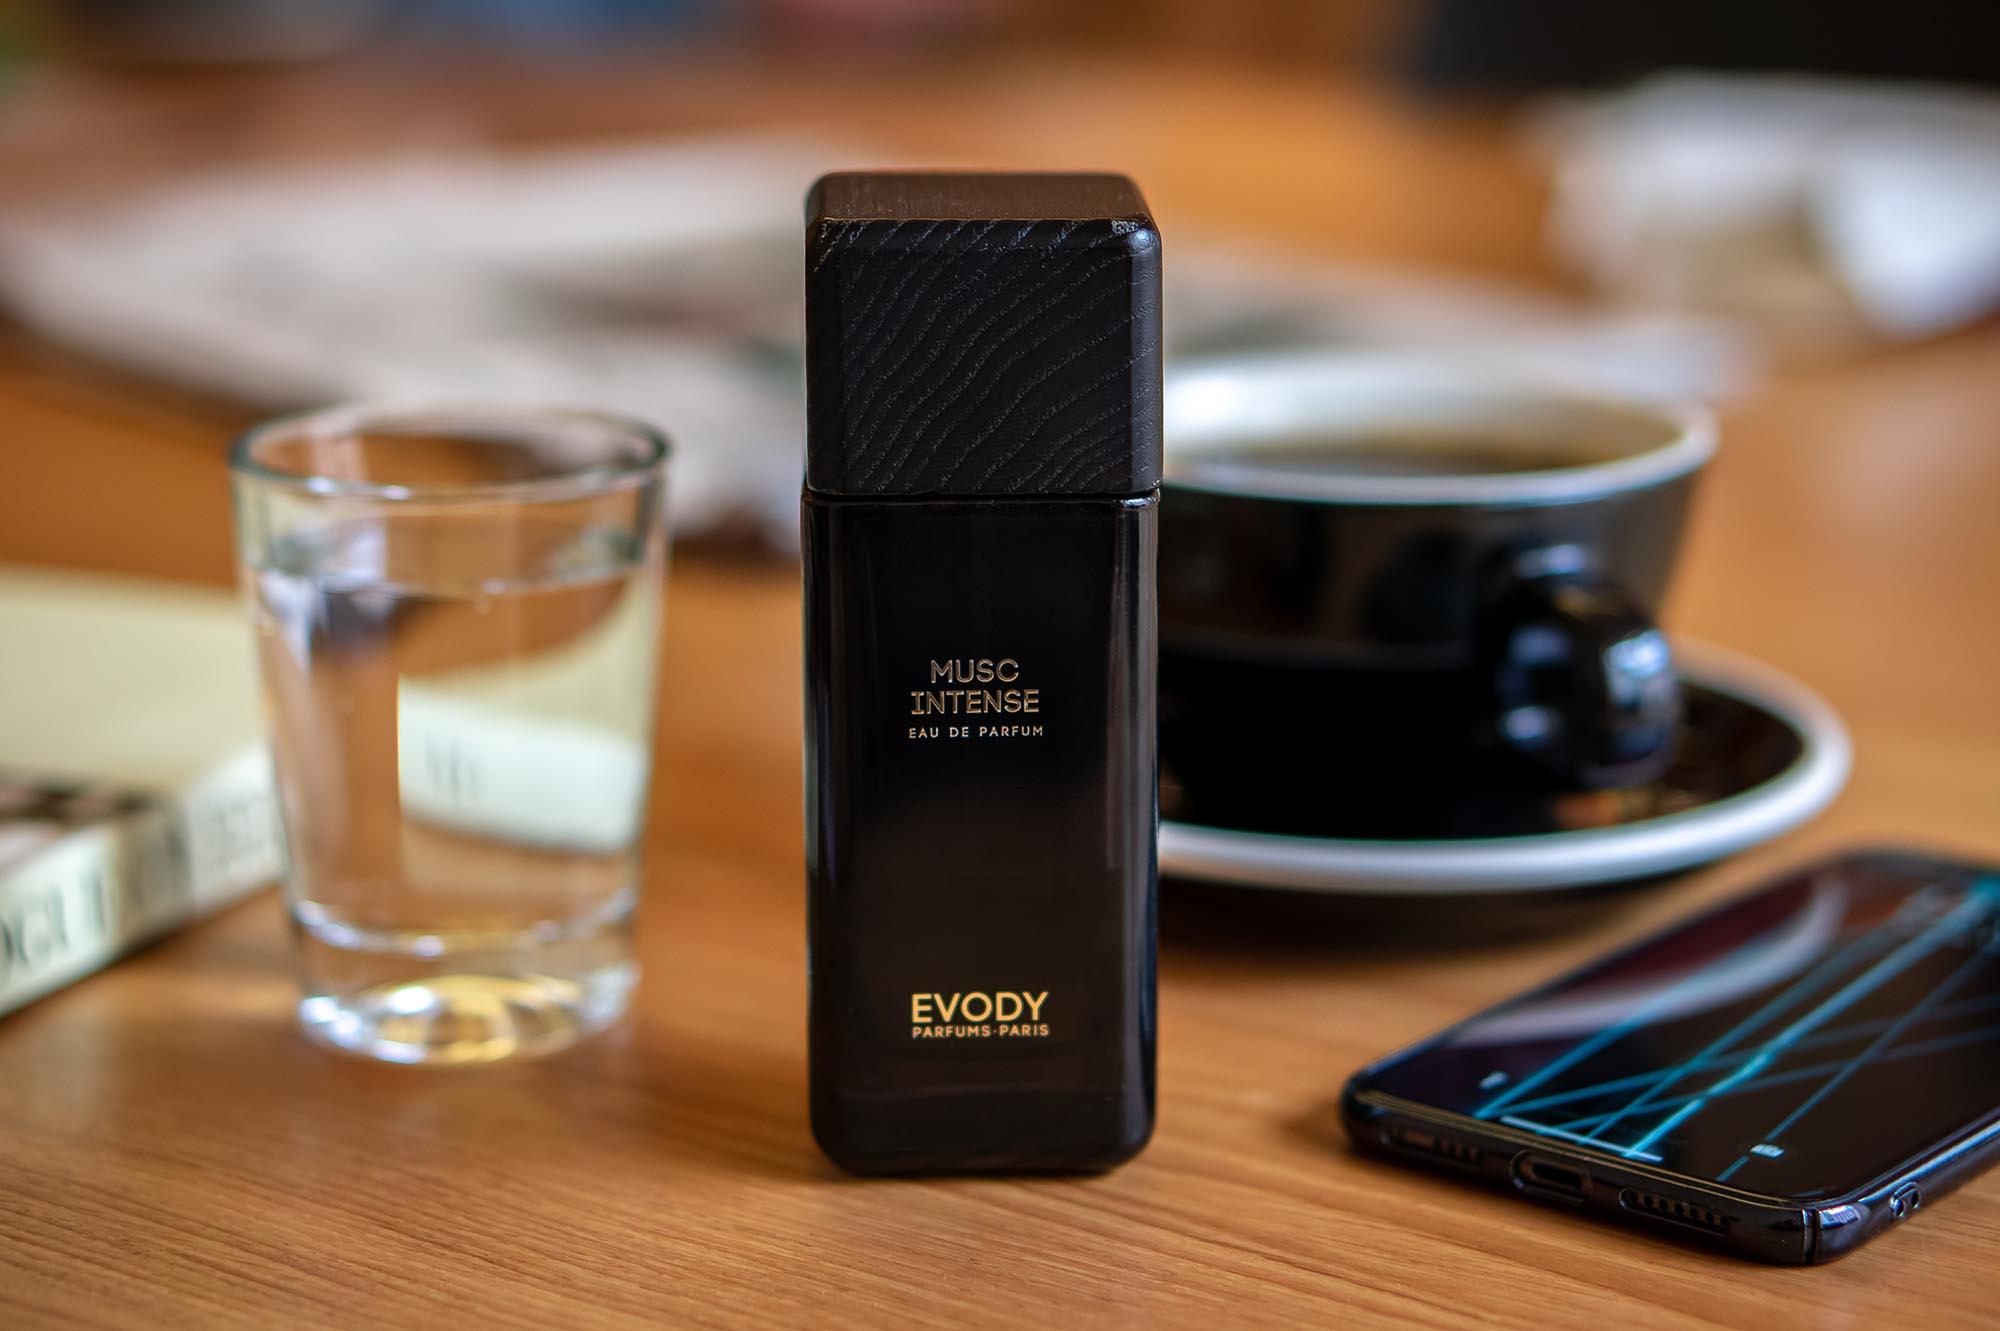 Evody Musc Intense perfume parfüm niche perfume nischenduft парфюм